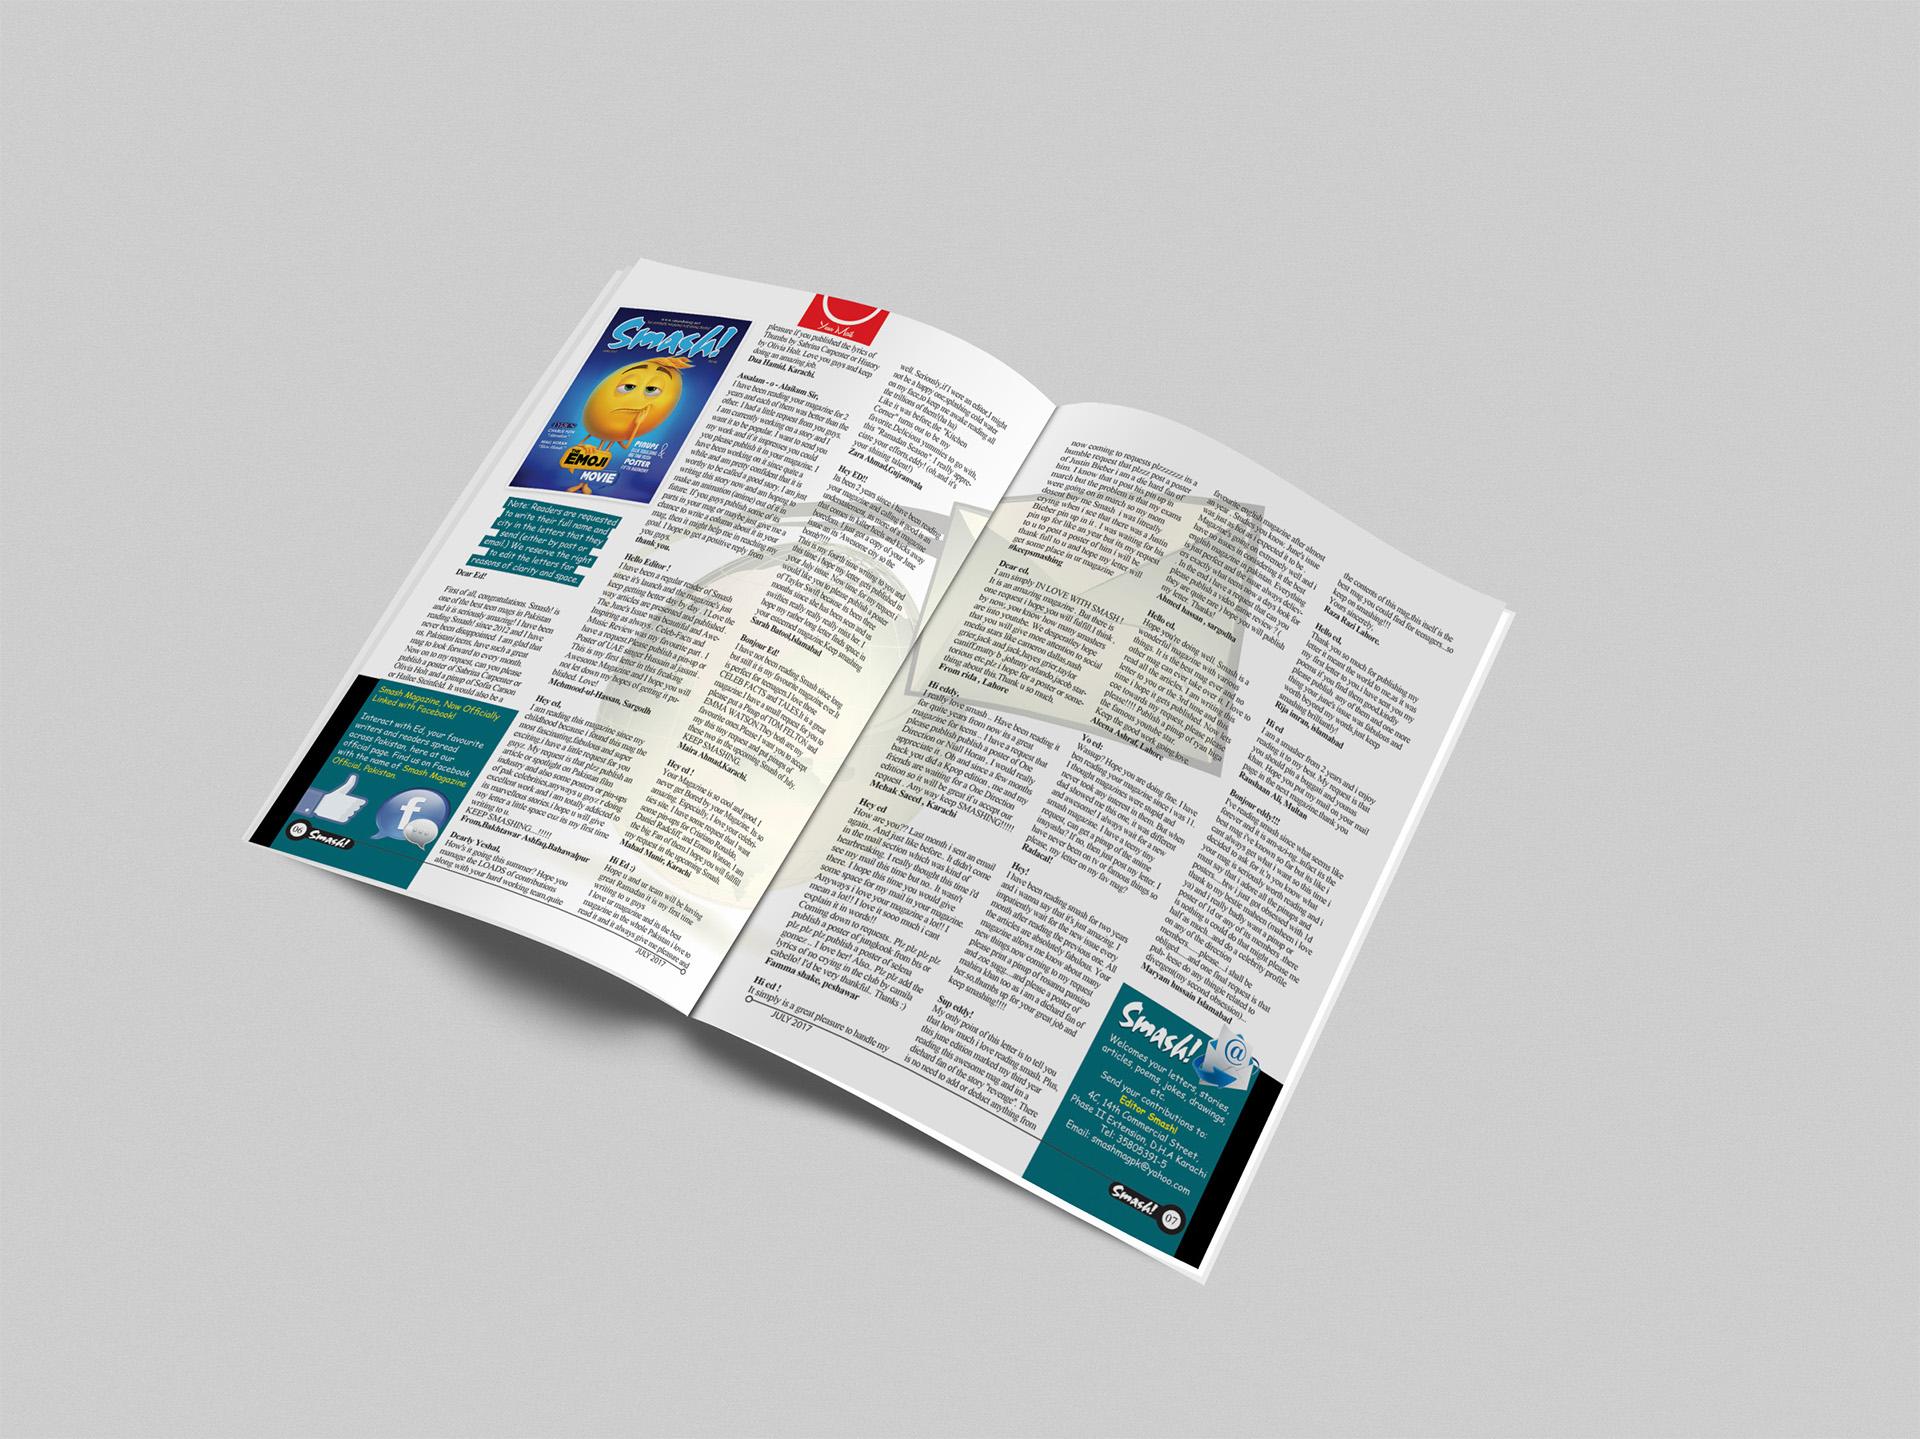 SMASH Magazine on Behance